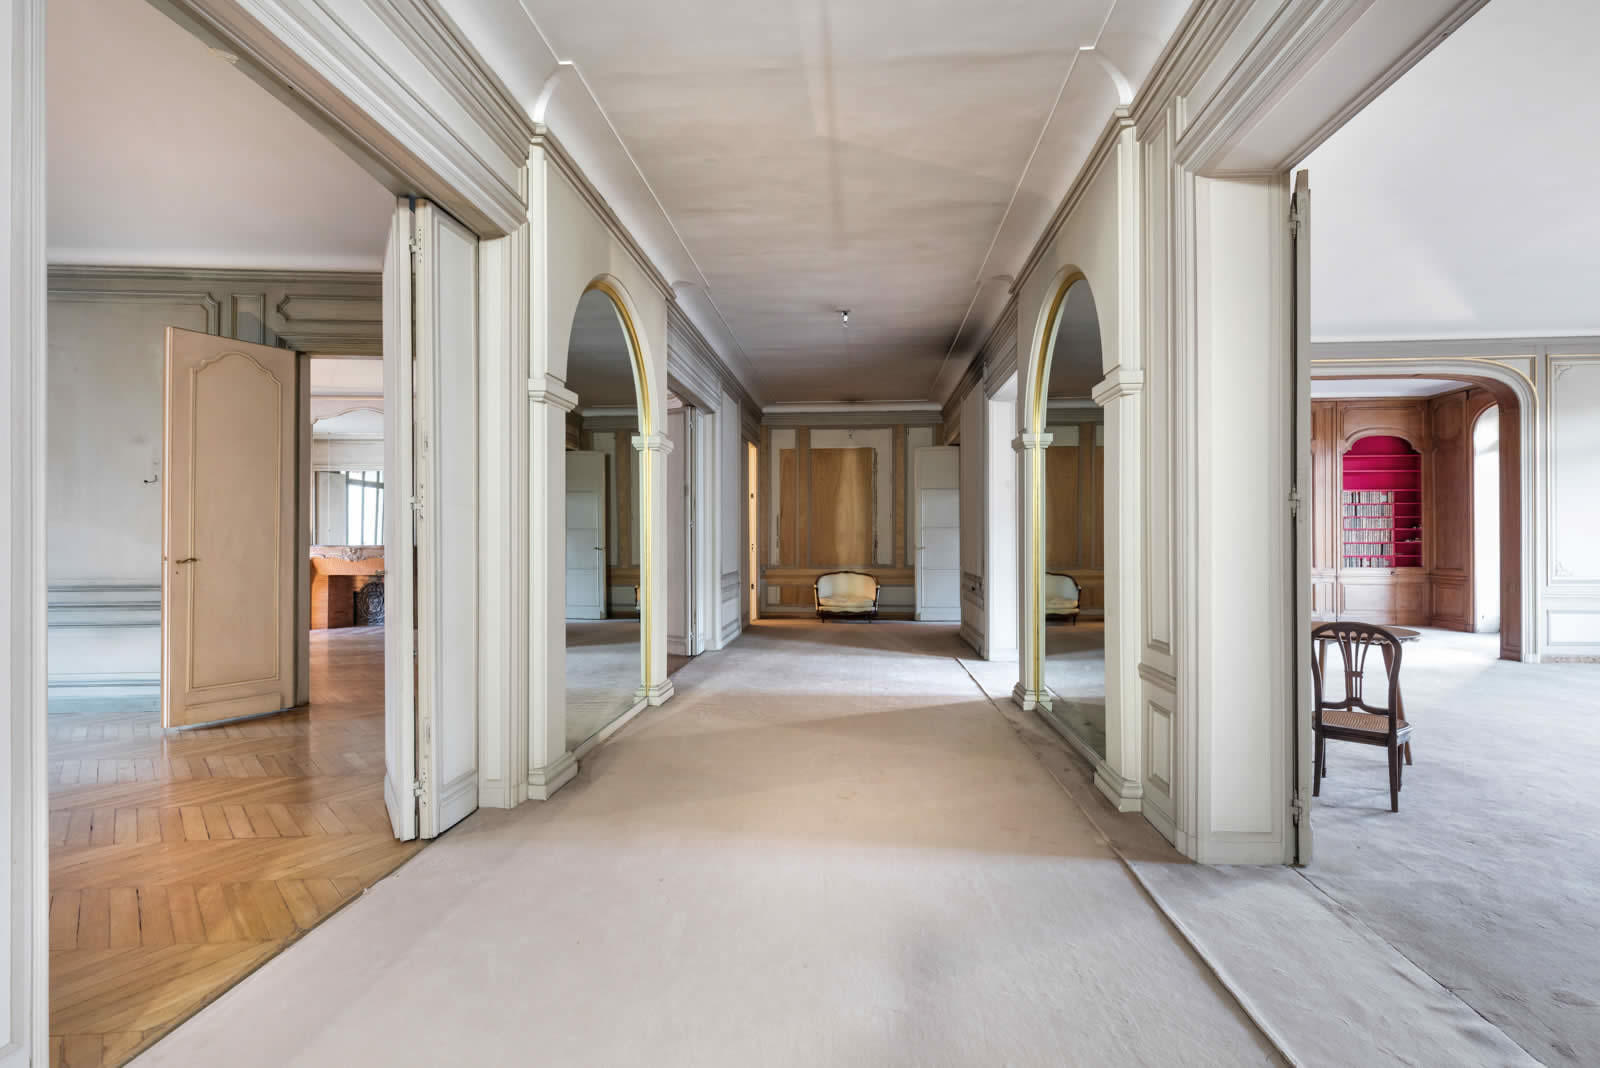 appartement-vaste-lumineux-immeuble-haussmannien-a-vendre-8eme-arrondissement